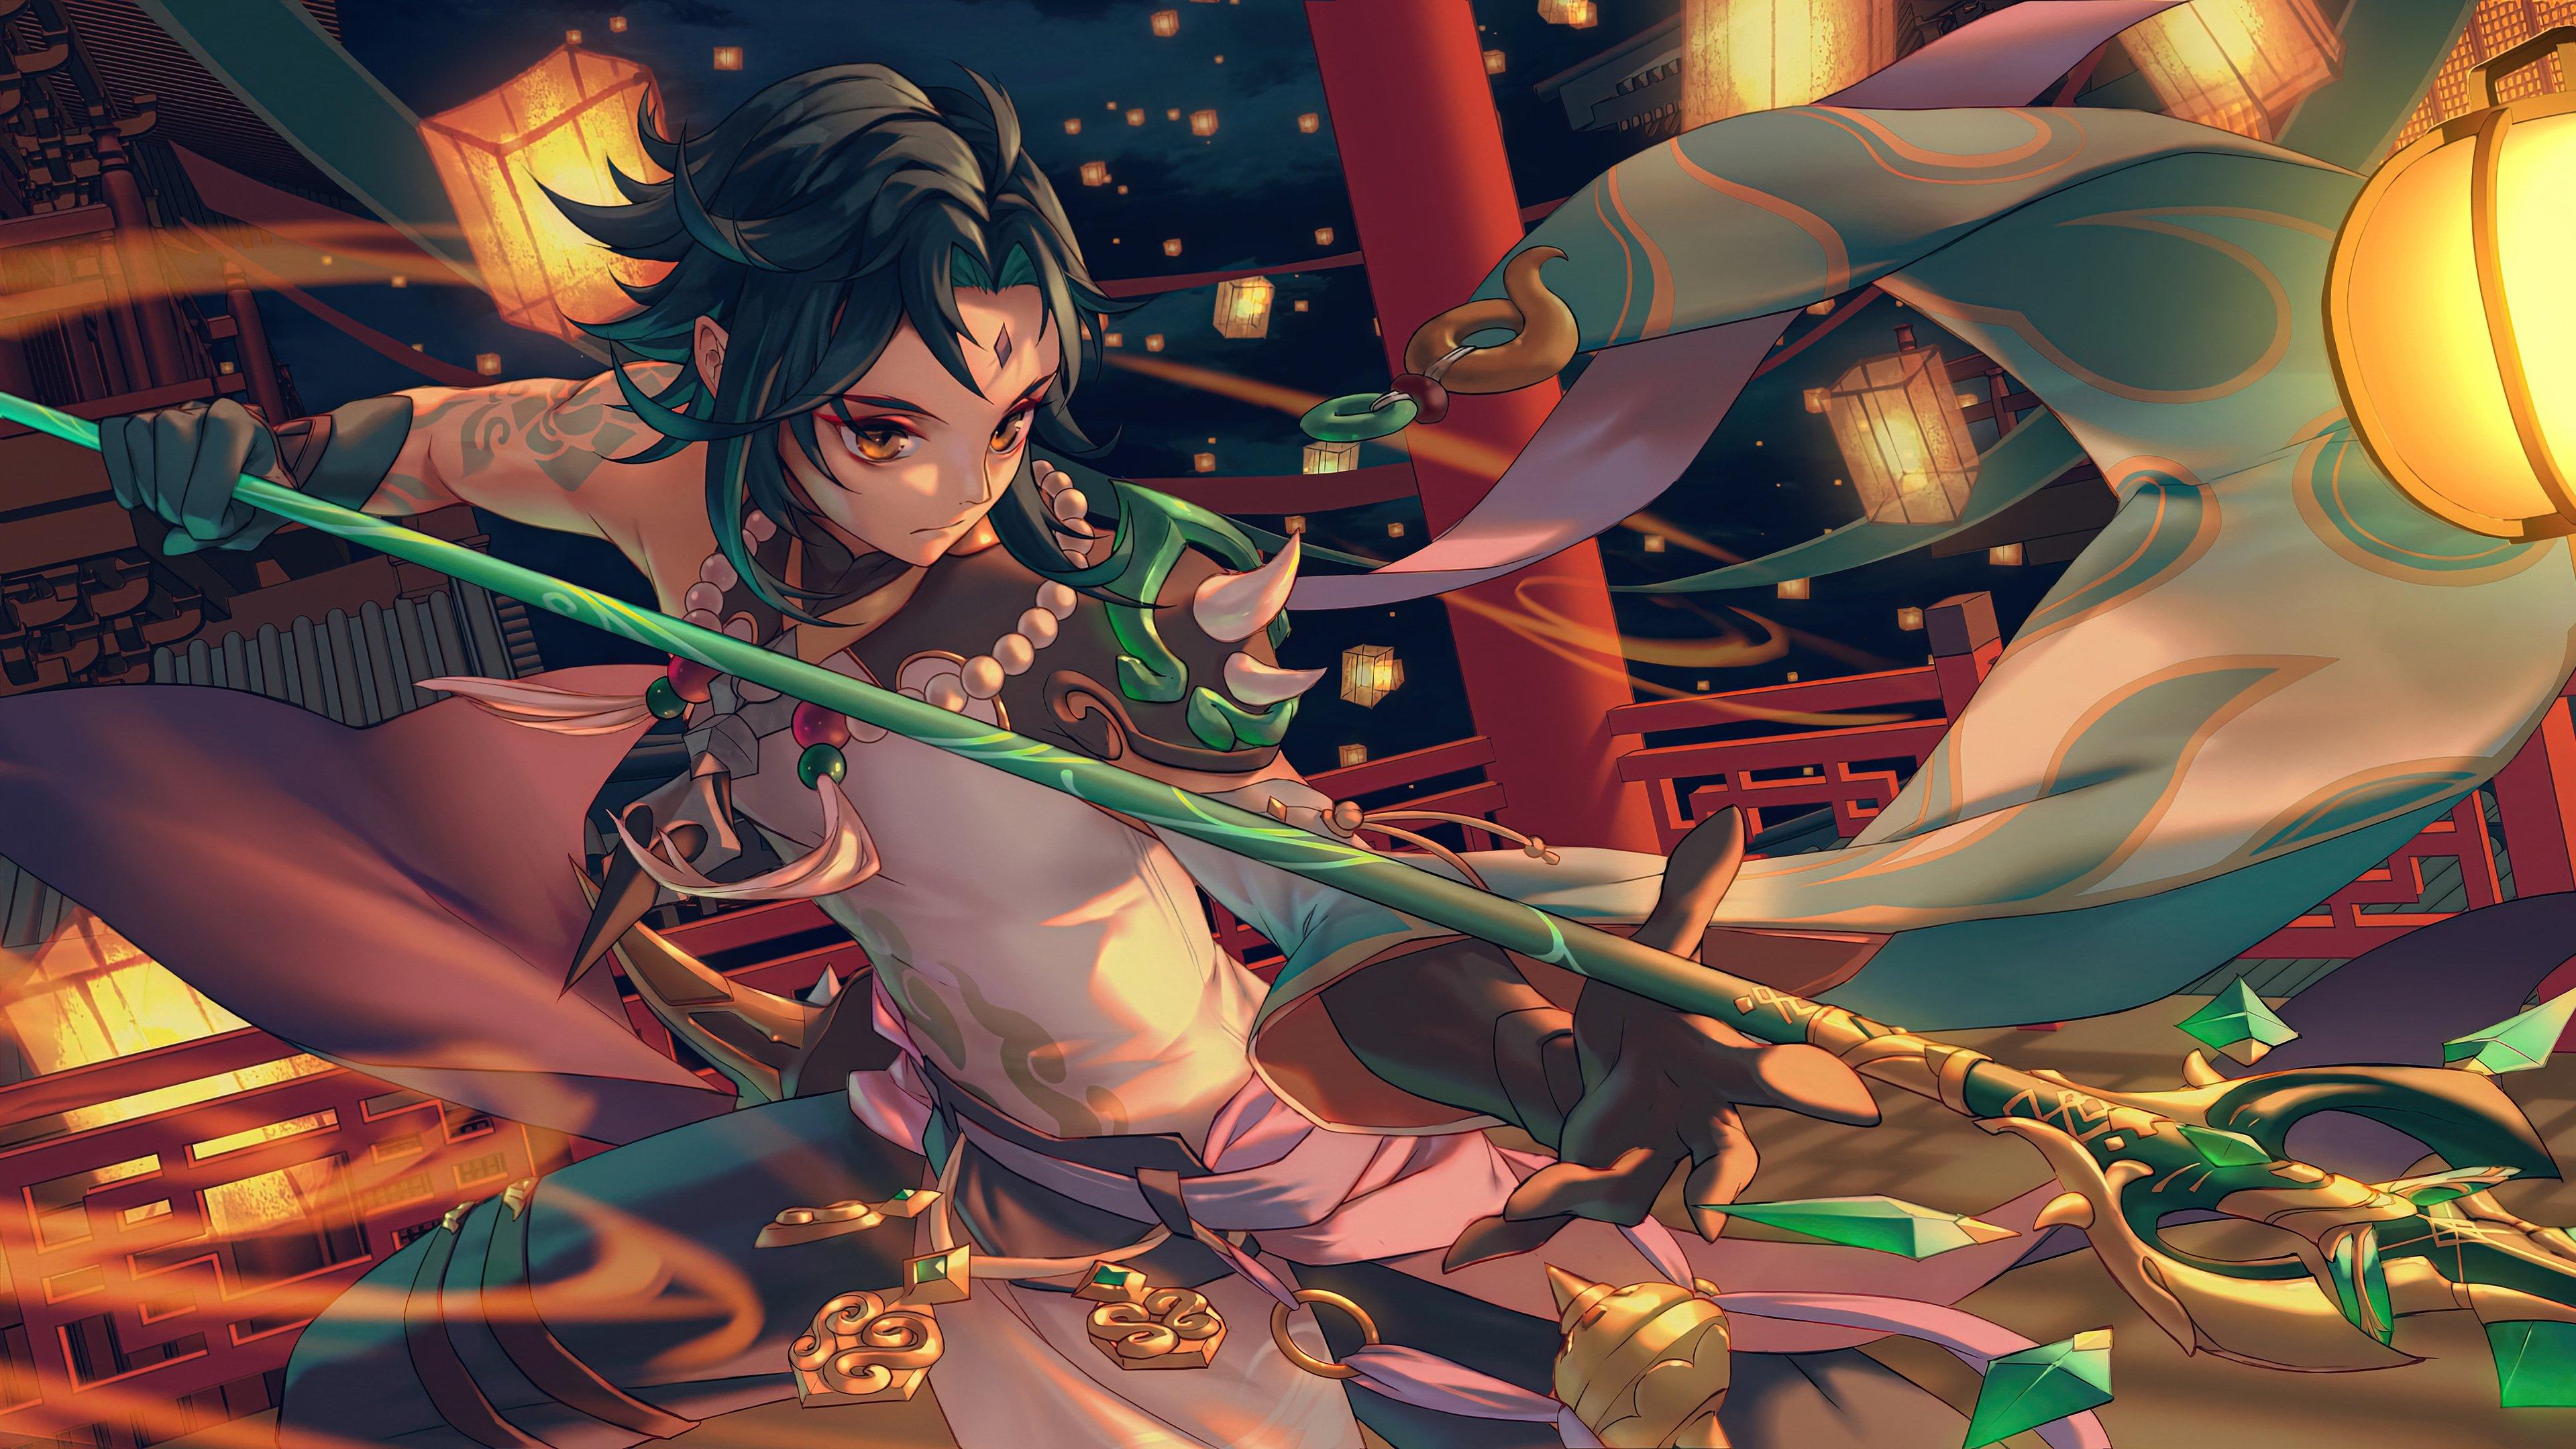 Fondos de pantalla Xiao de Genshin Impact